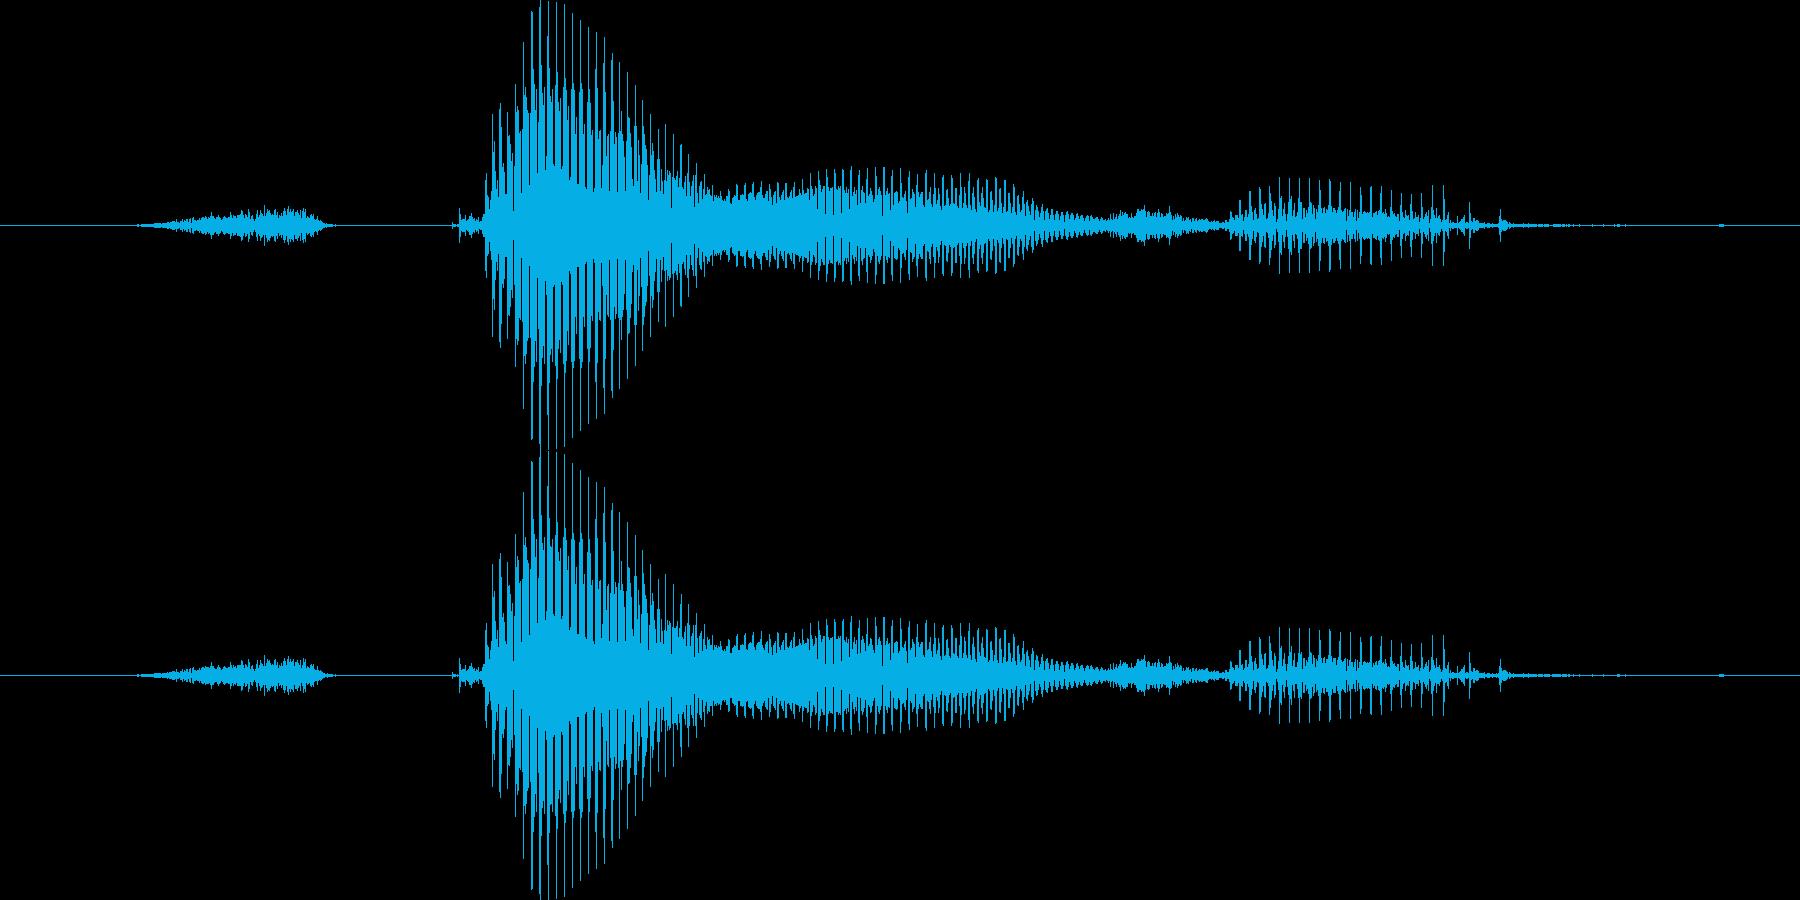 【星座】双子座の再生済みの波形